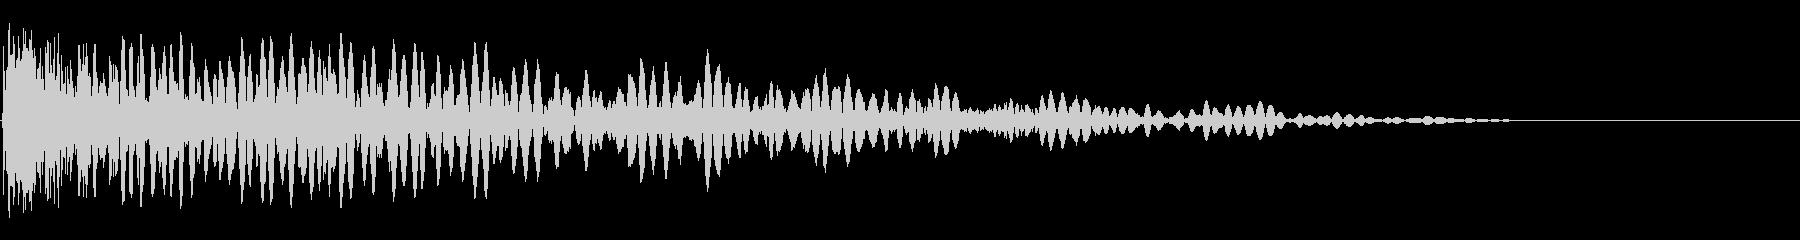 軽微な爆発の未再生の波形